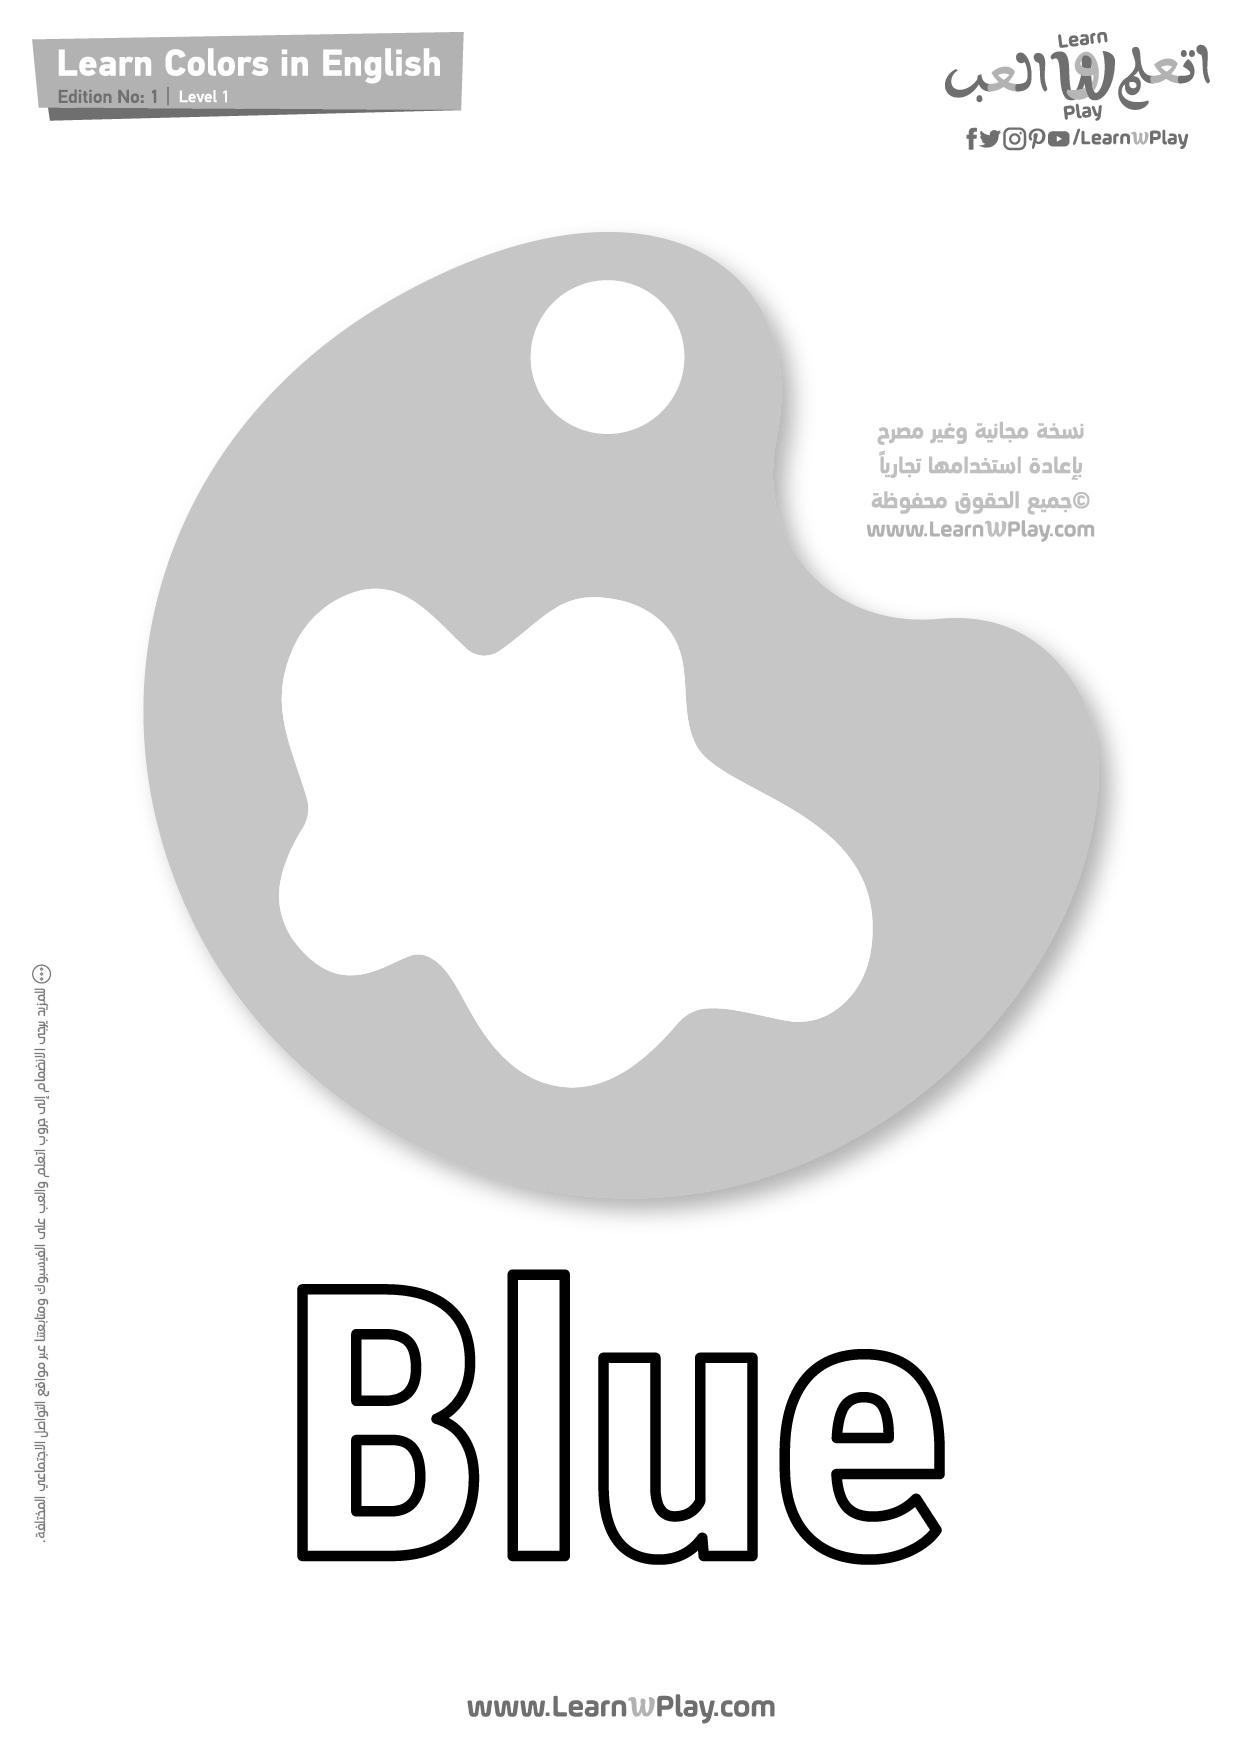 أوراق عمل جاهزة للطباعة لتعليم الألوان واسمائها باللغة الإنجليزية للأطفال